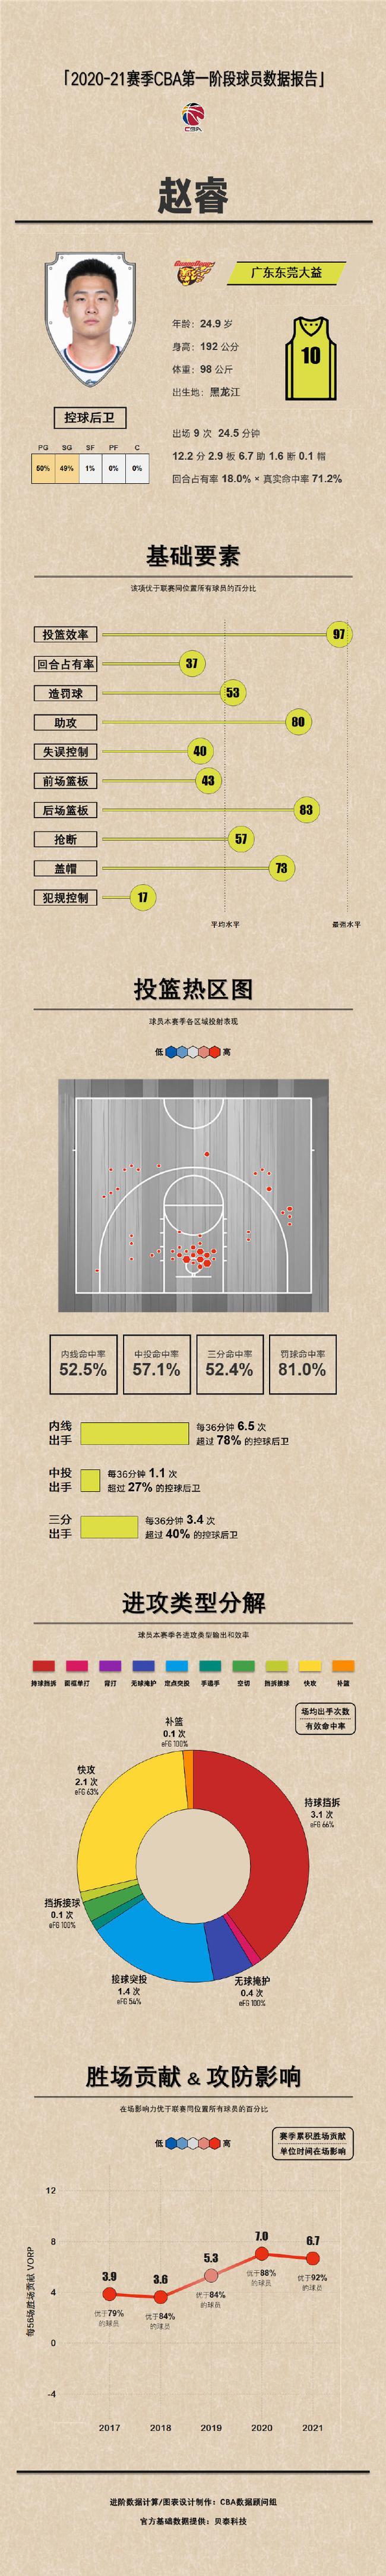 《【摩登3娱乐待遇】广东球员报告|胡明轩:同体型最优秀进攻篮板手》